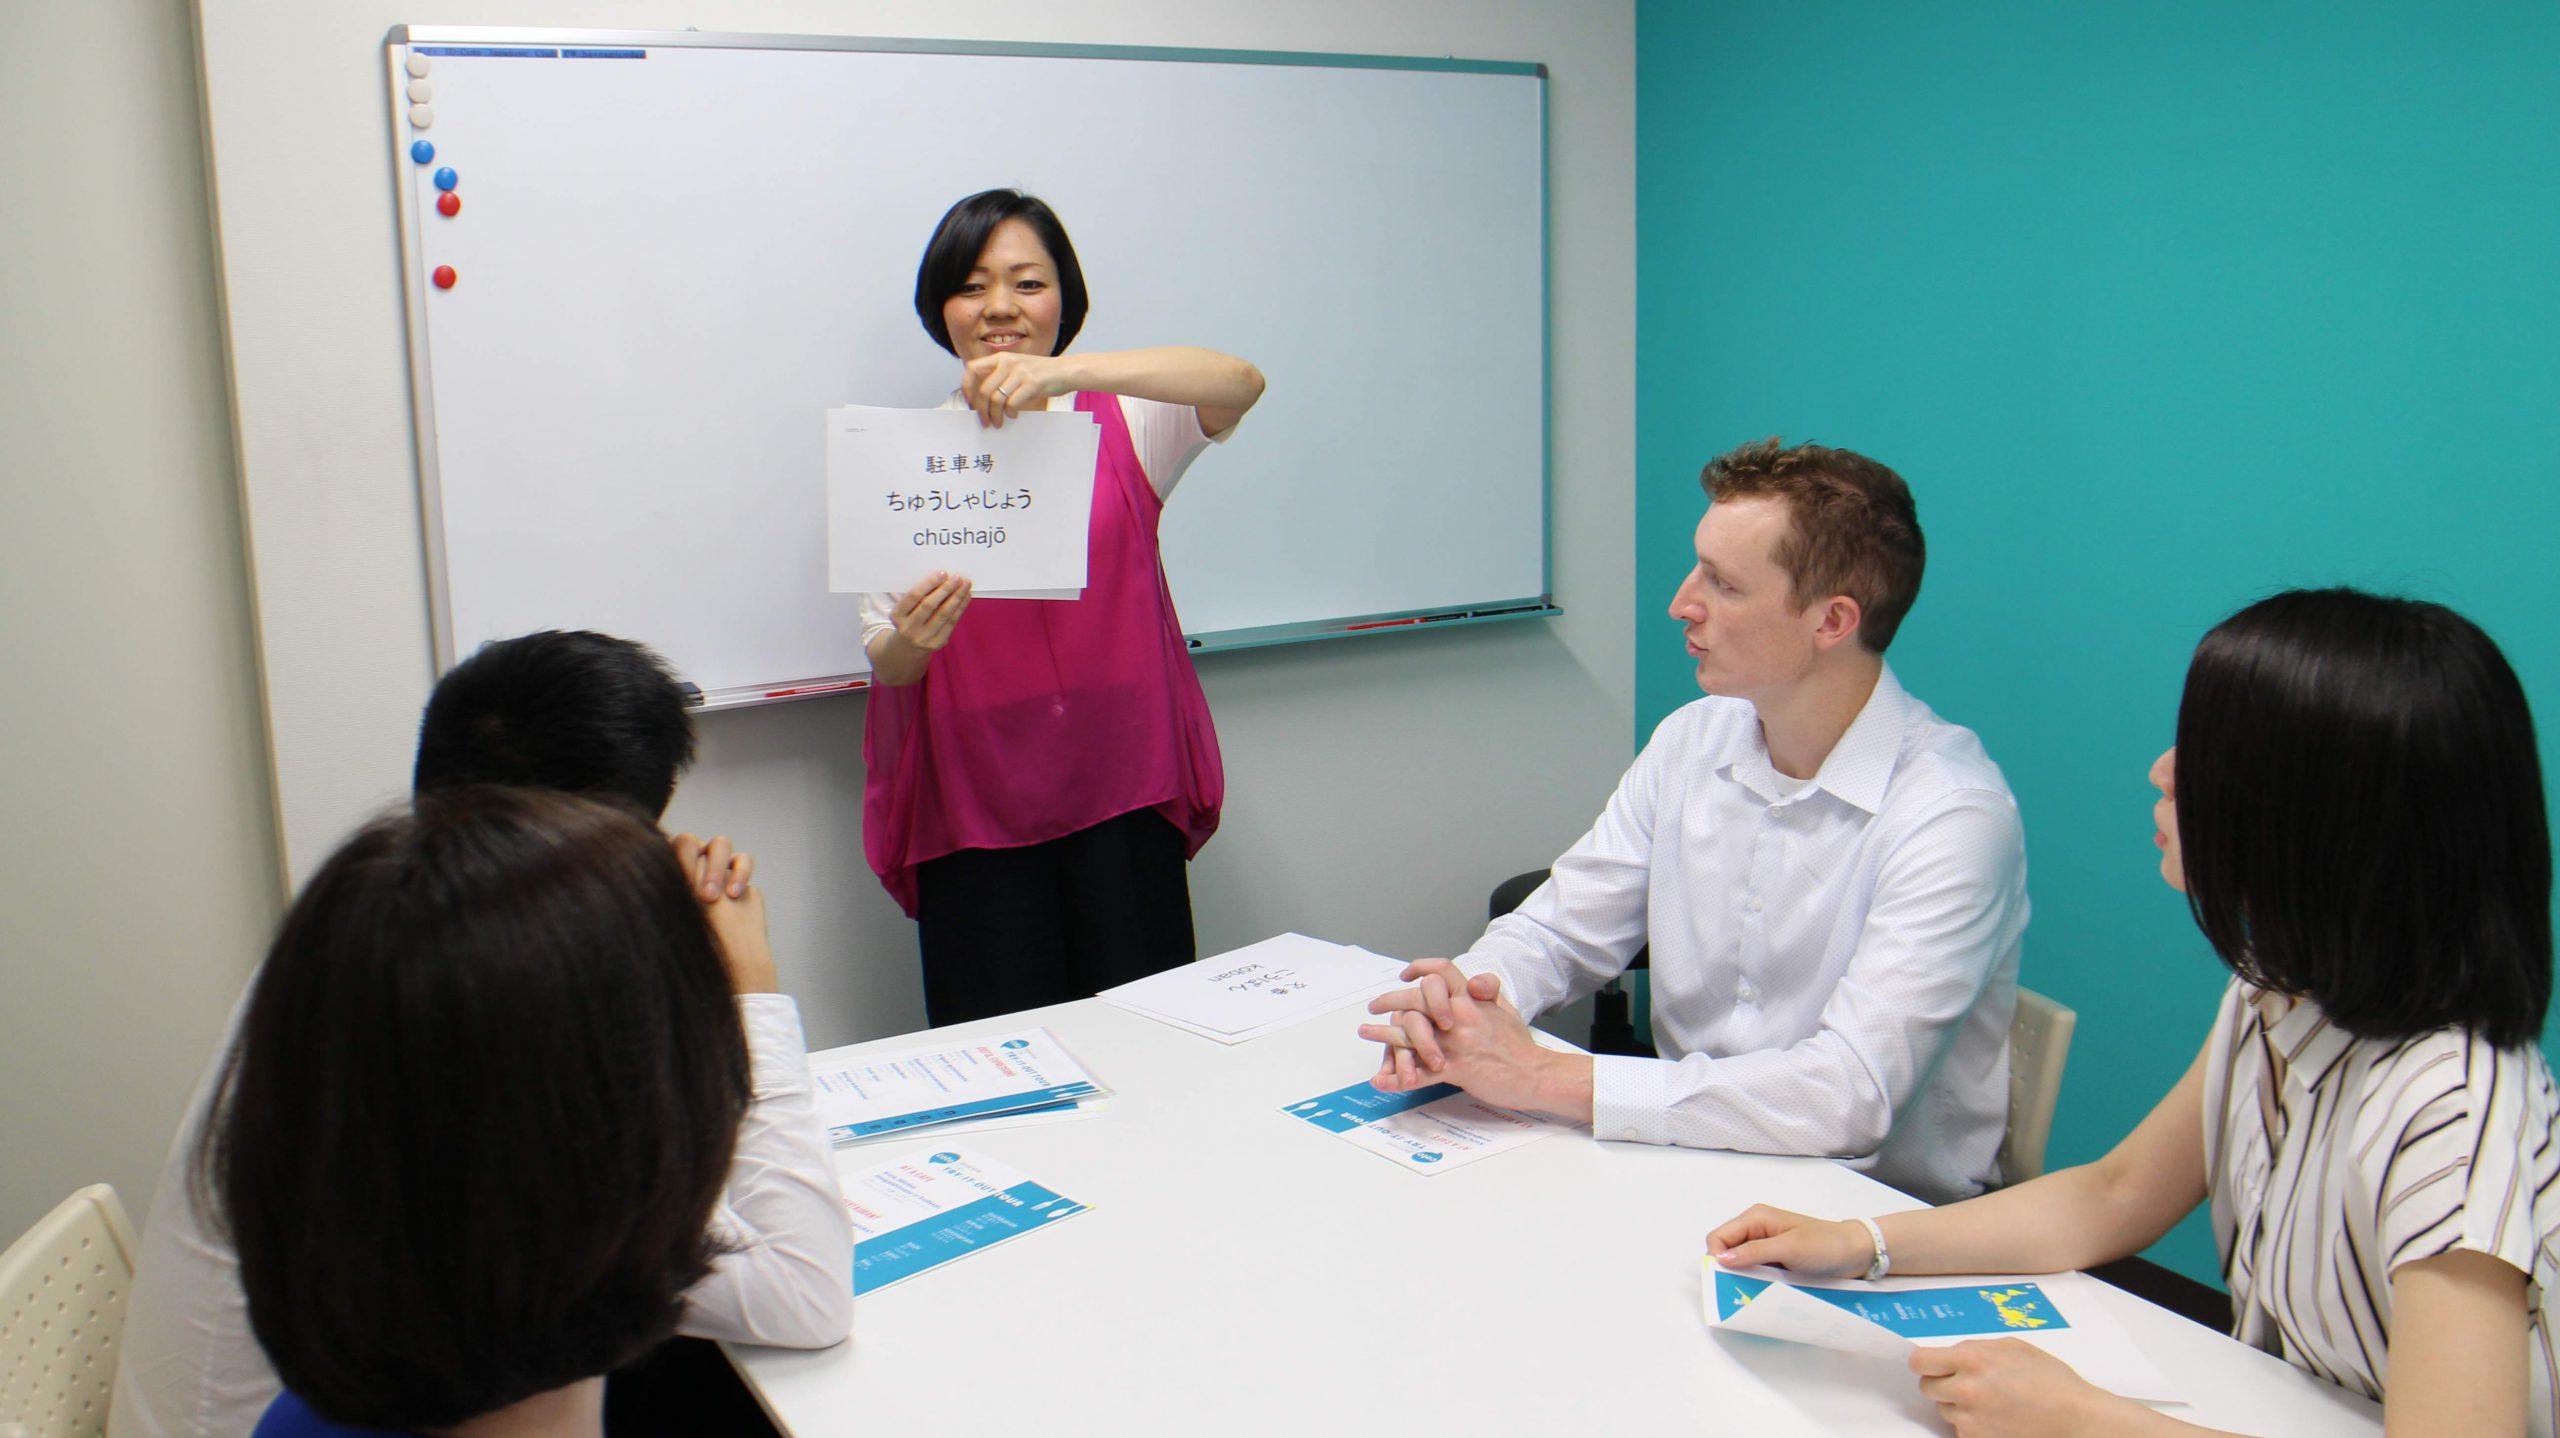 外国人社員への福利厚生として、グループでの日本語研修を実施したい。